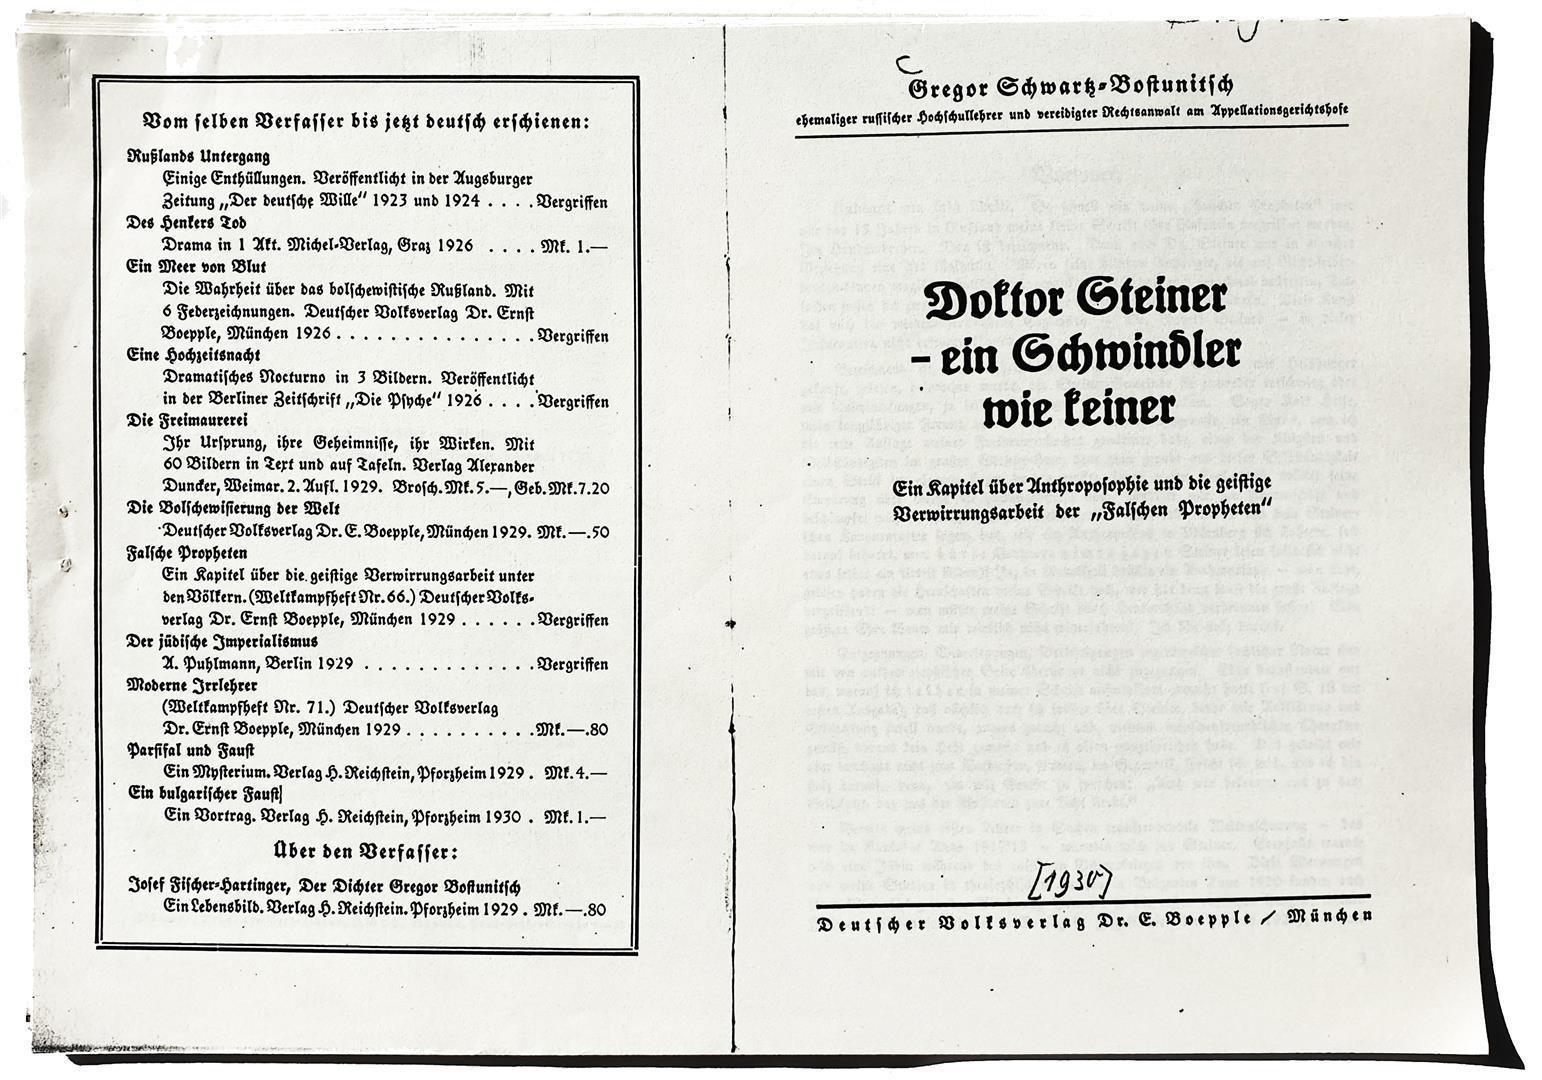 Gregor Schwartz-Bostunitsch, Doktor Steiner - Ein Schwindler wie keiner, München 1930.